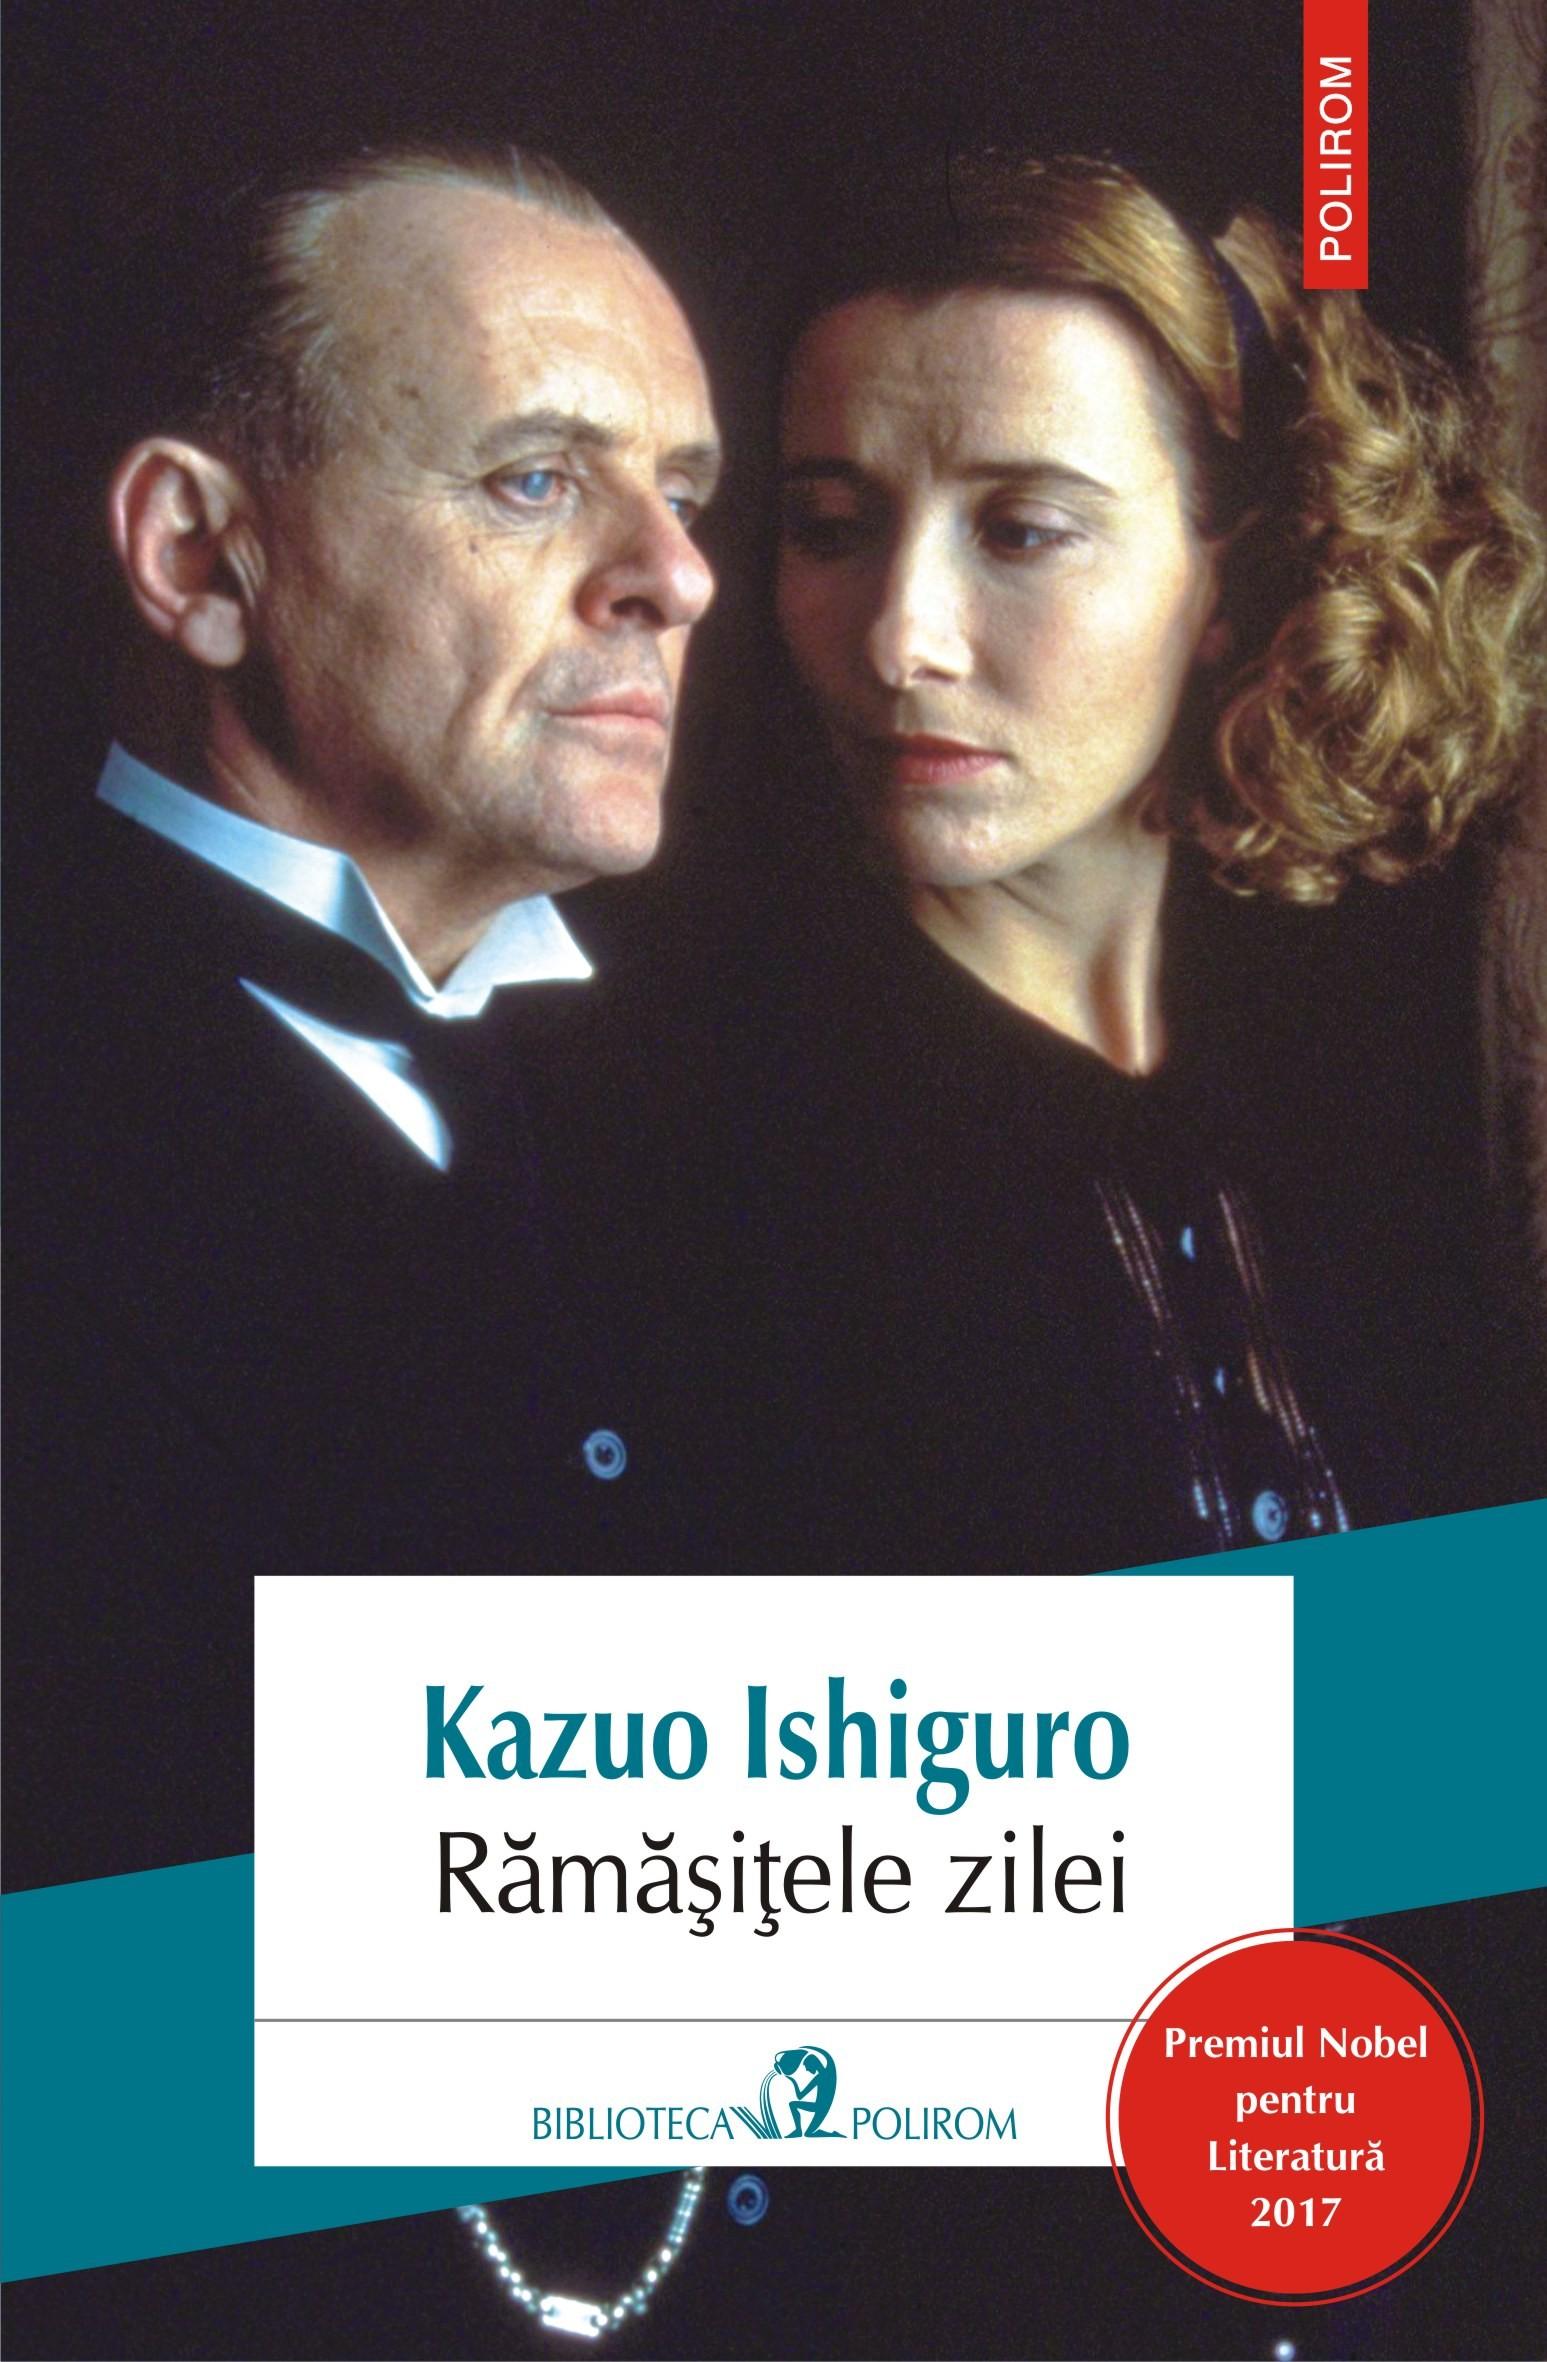 PDF ePUB Ramasitele zilei de Kazuo Ishiguro